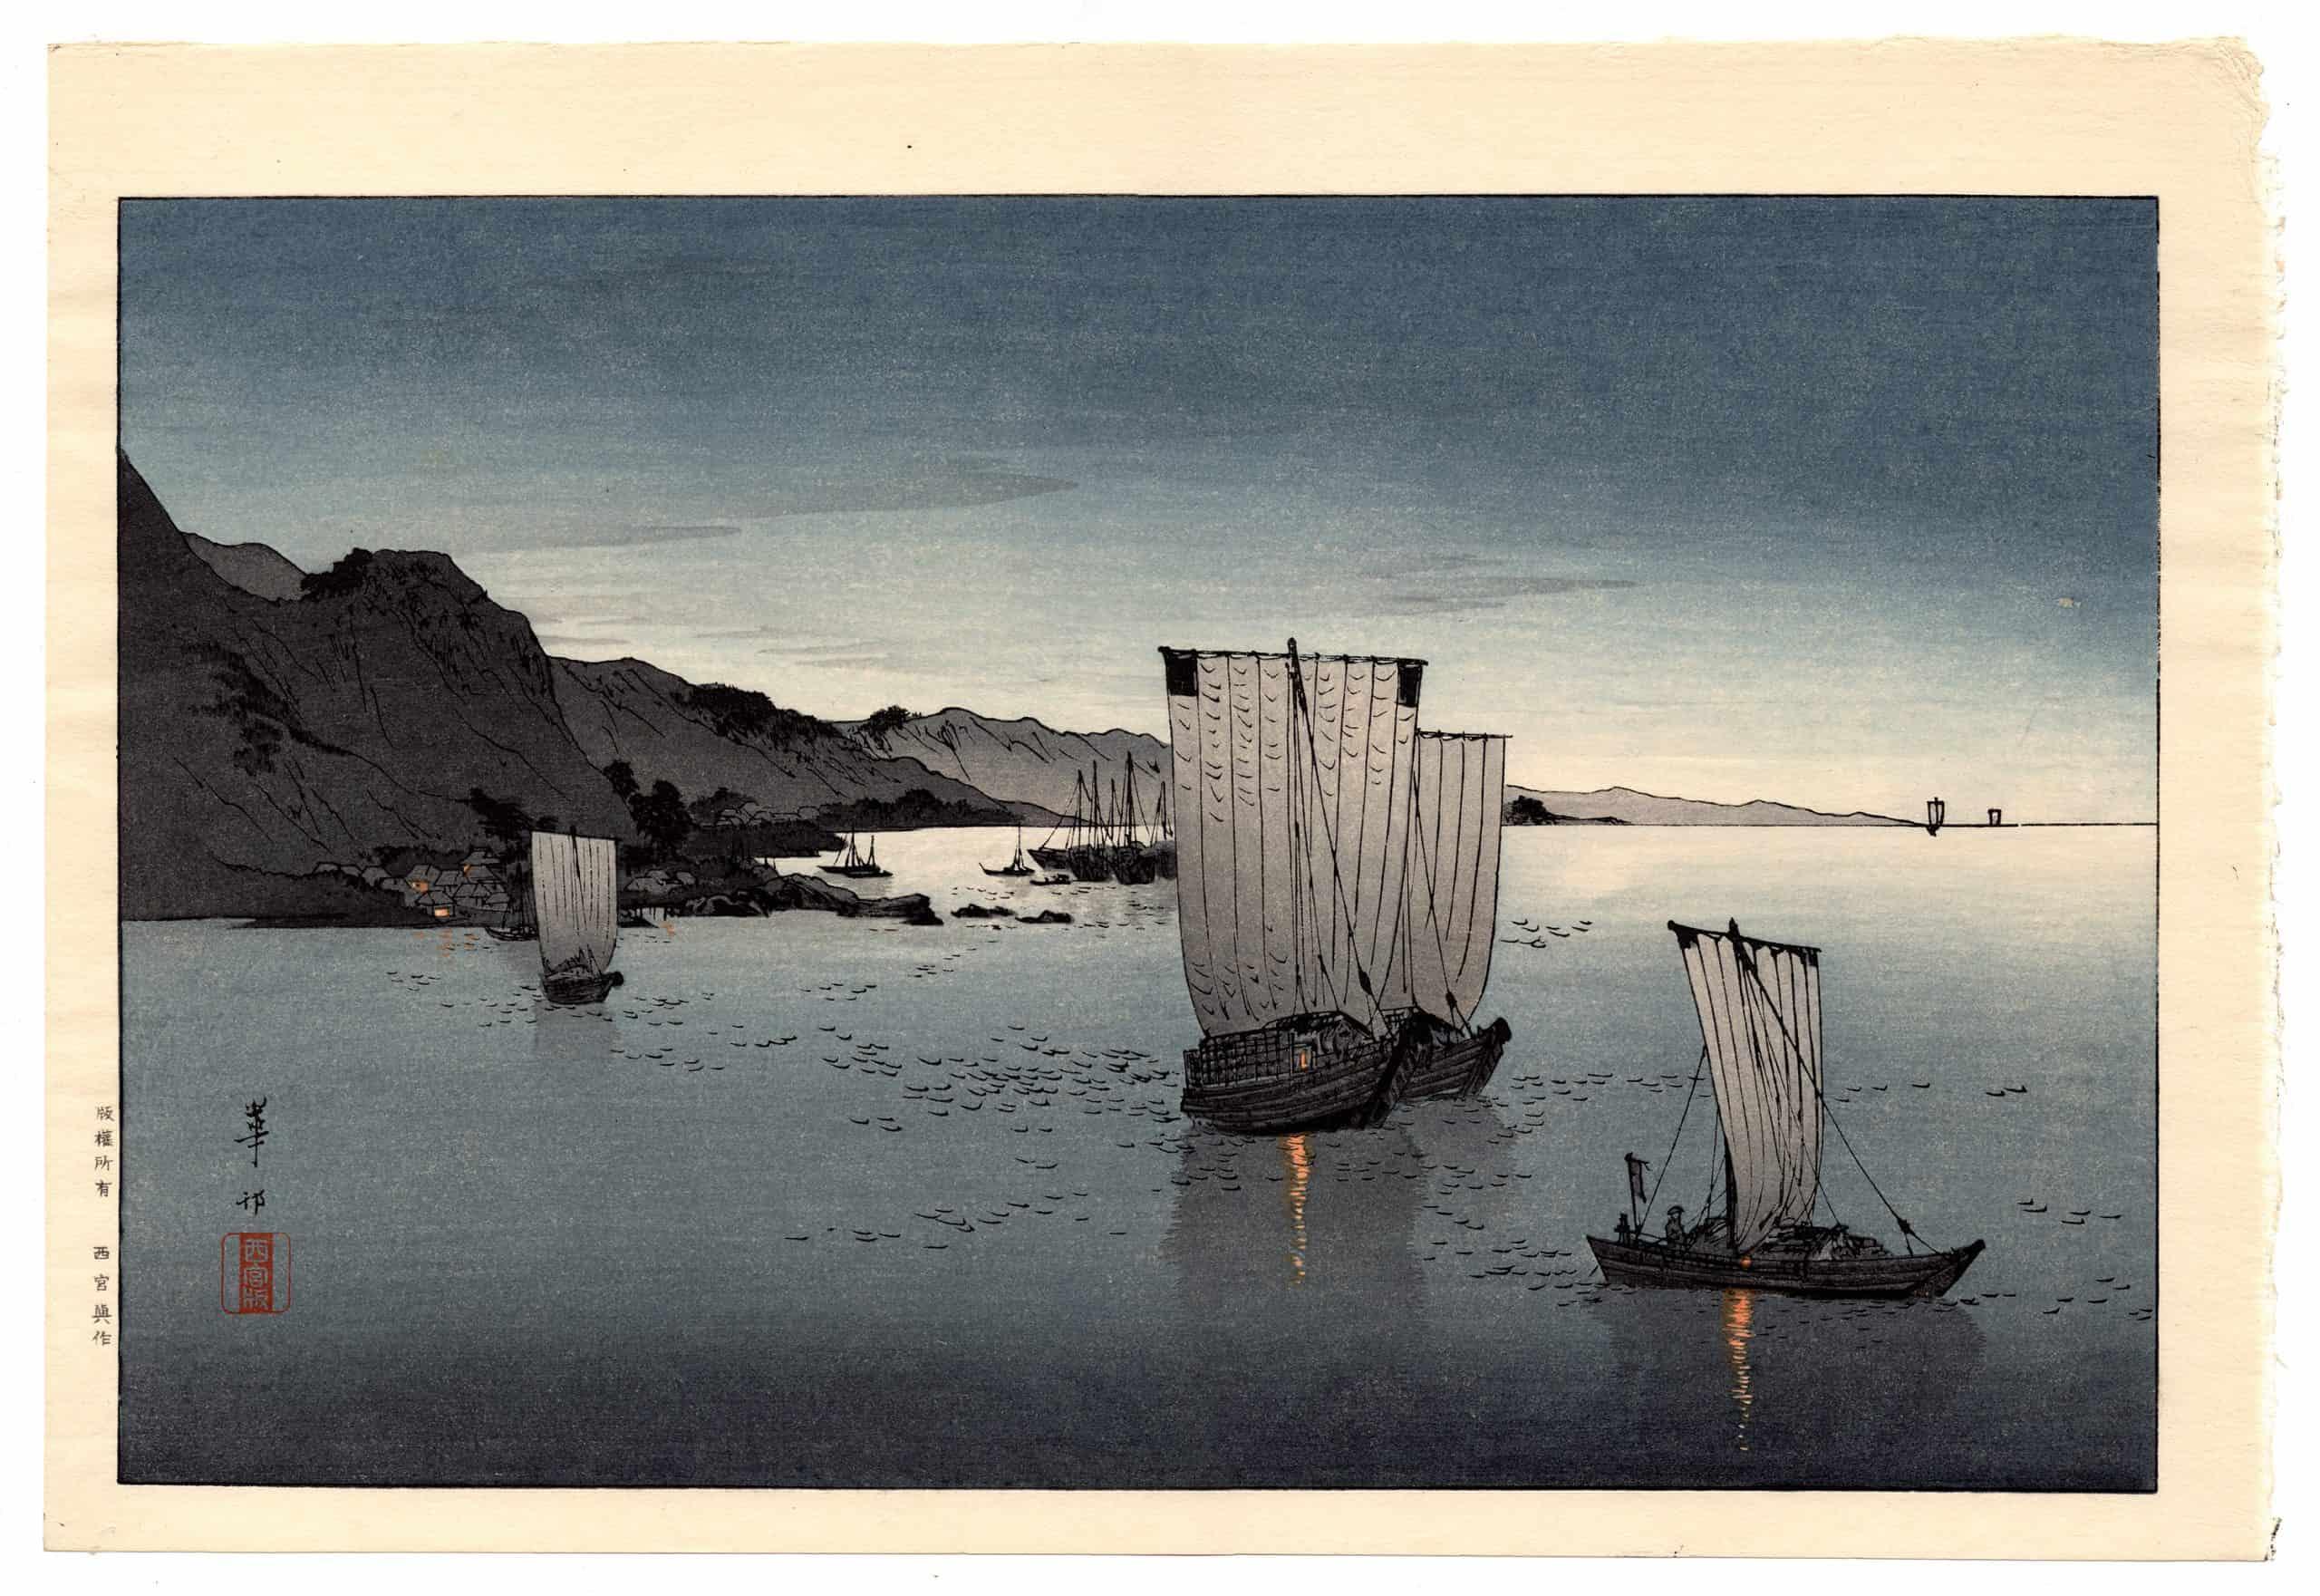 Kason Suzuki - Kominato Harbor